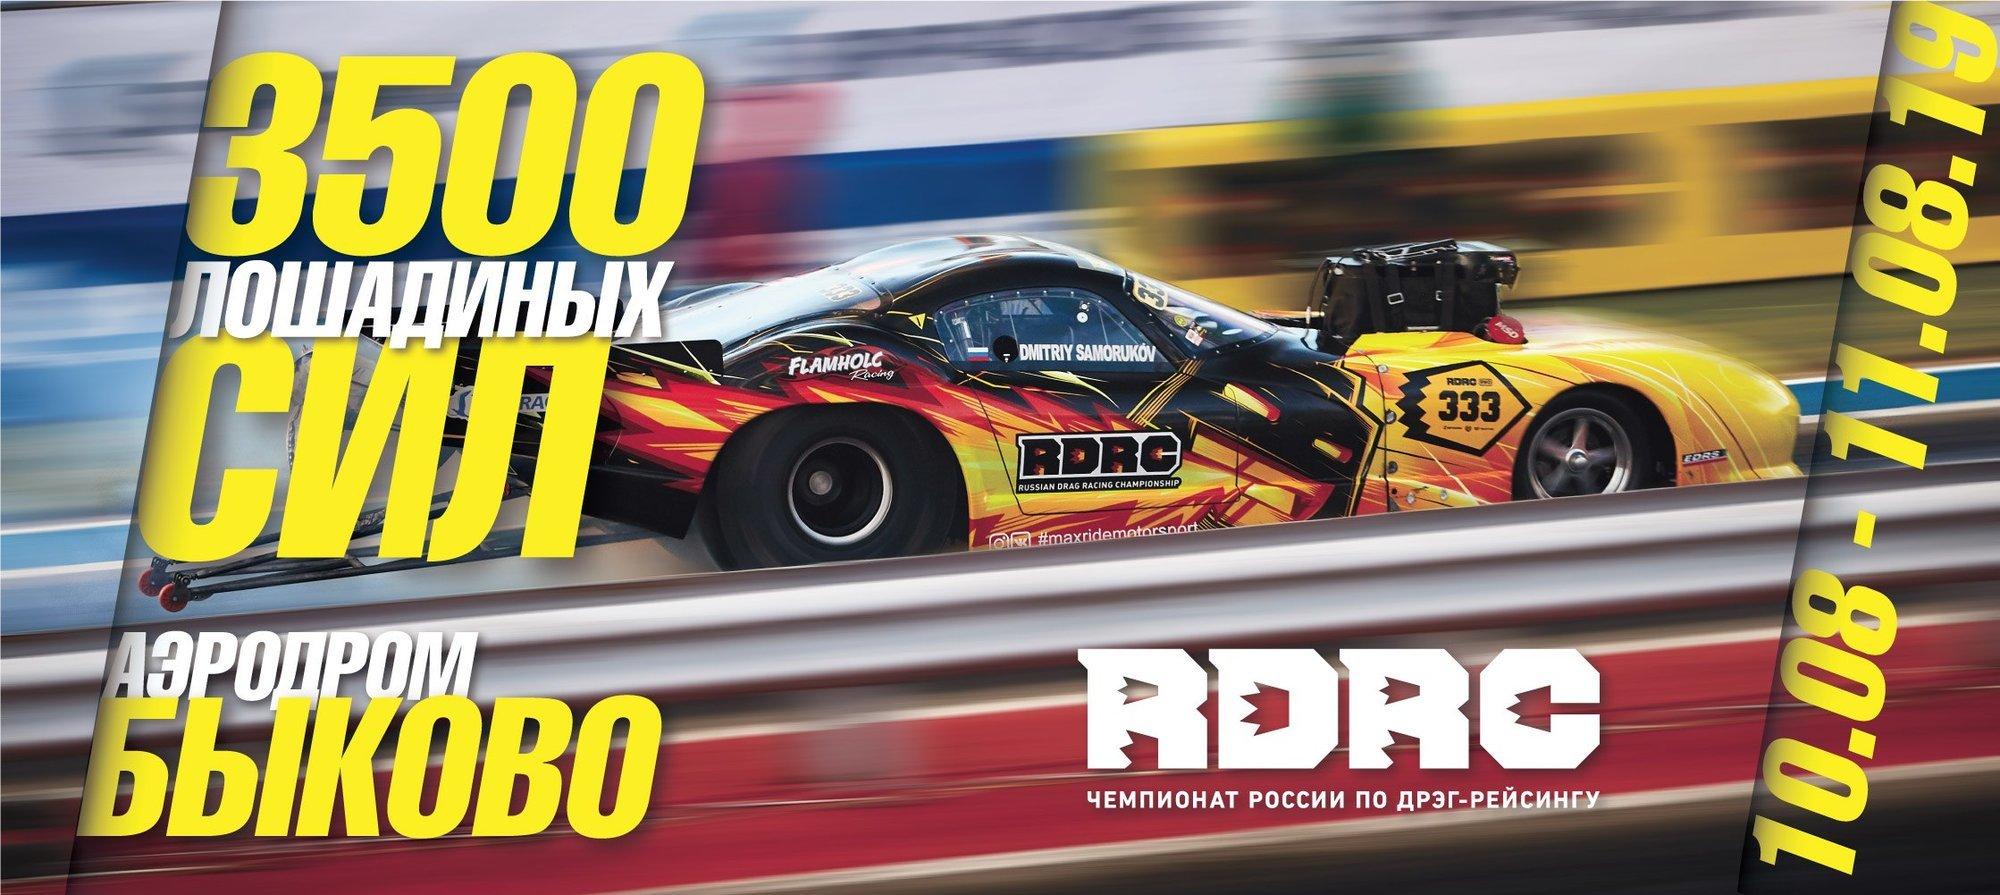 Аэродром «Быково» примет 3-й этап чемпионата России по дрэг-рэйсингу